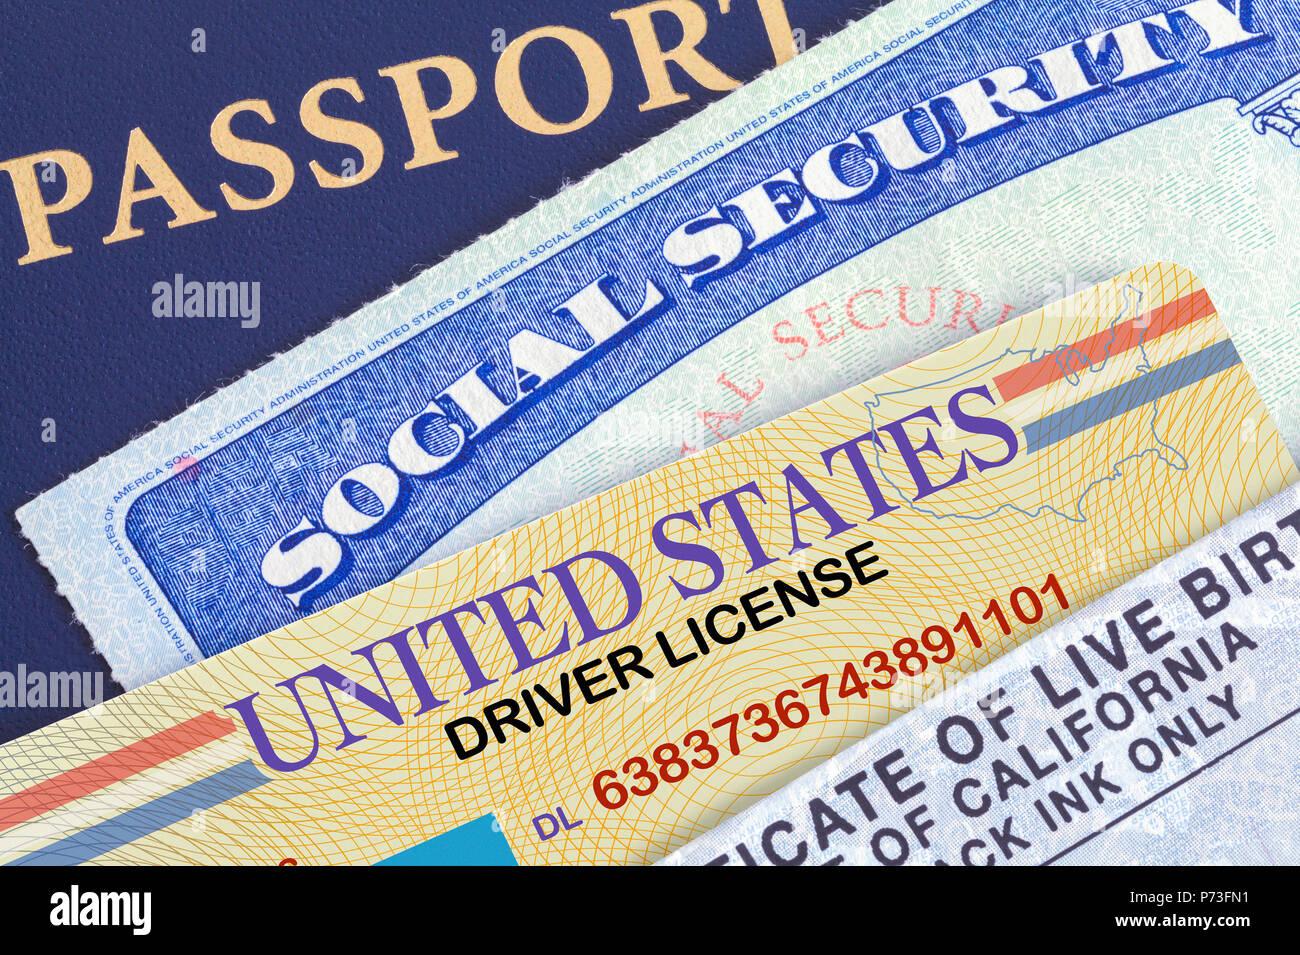 Ee.Uu. Pasaporte con la tarjeta de seguridad social, Licencia de Conducir y certificado de nacimiento. Imagen De Stock